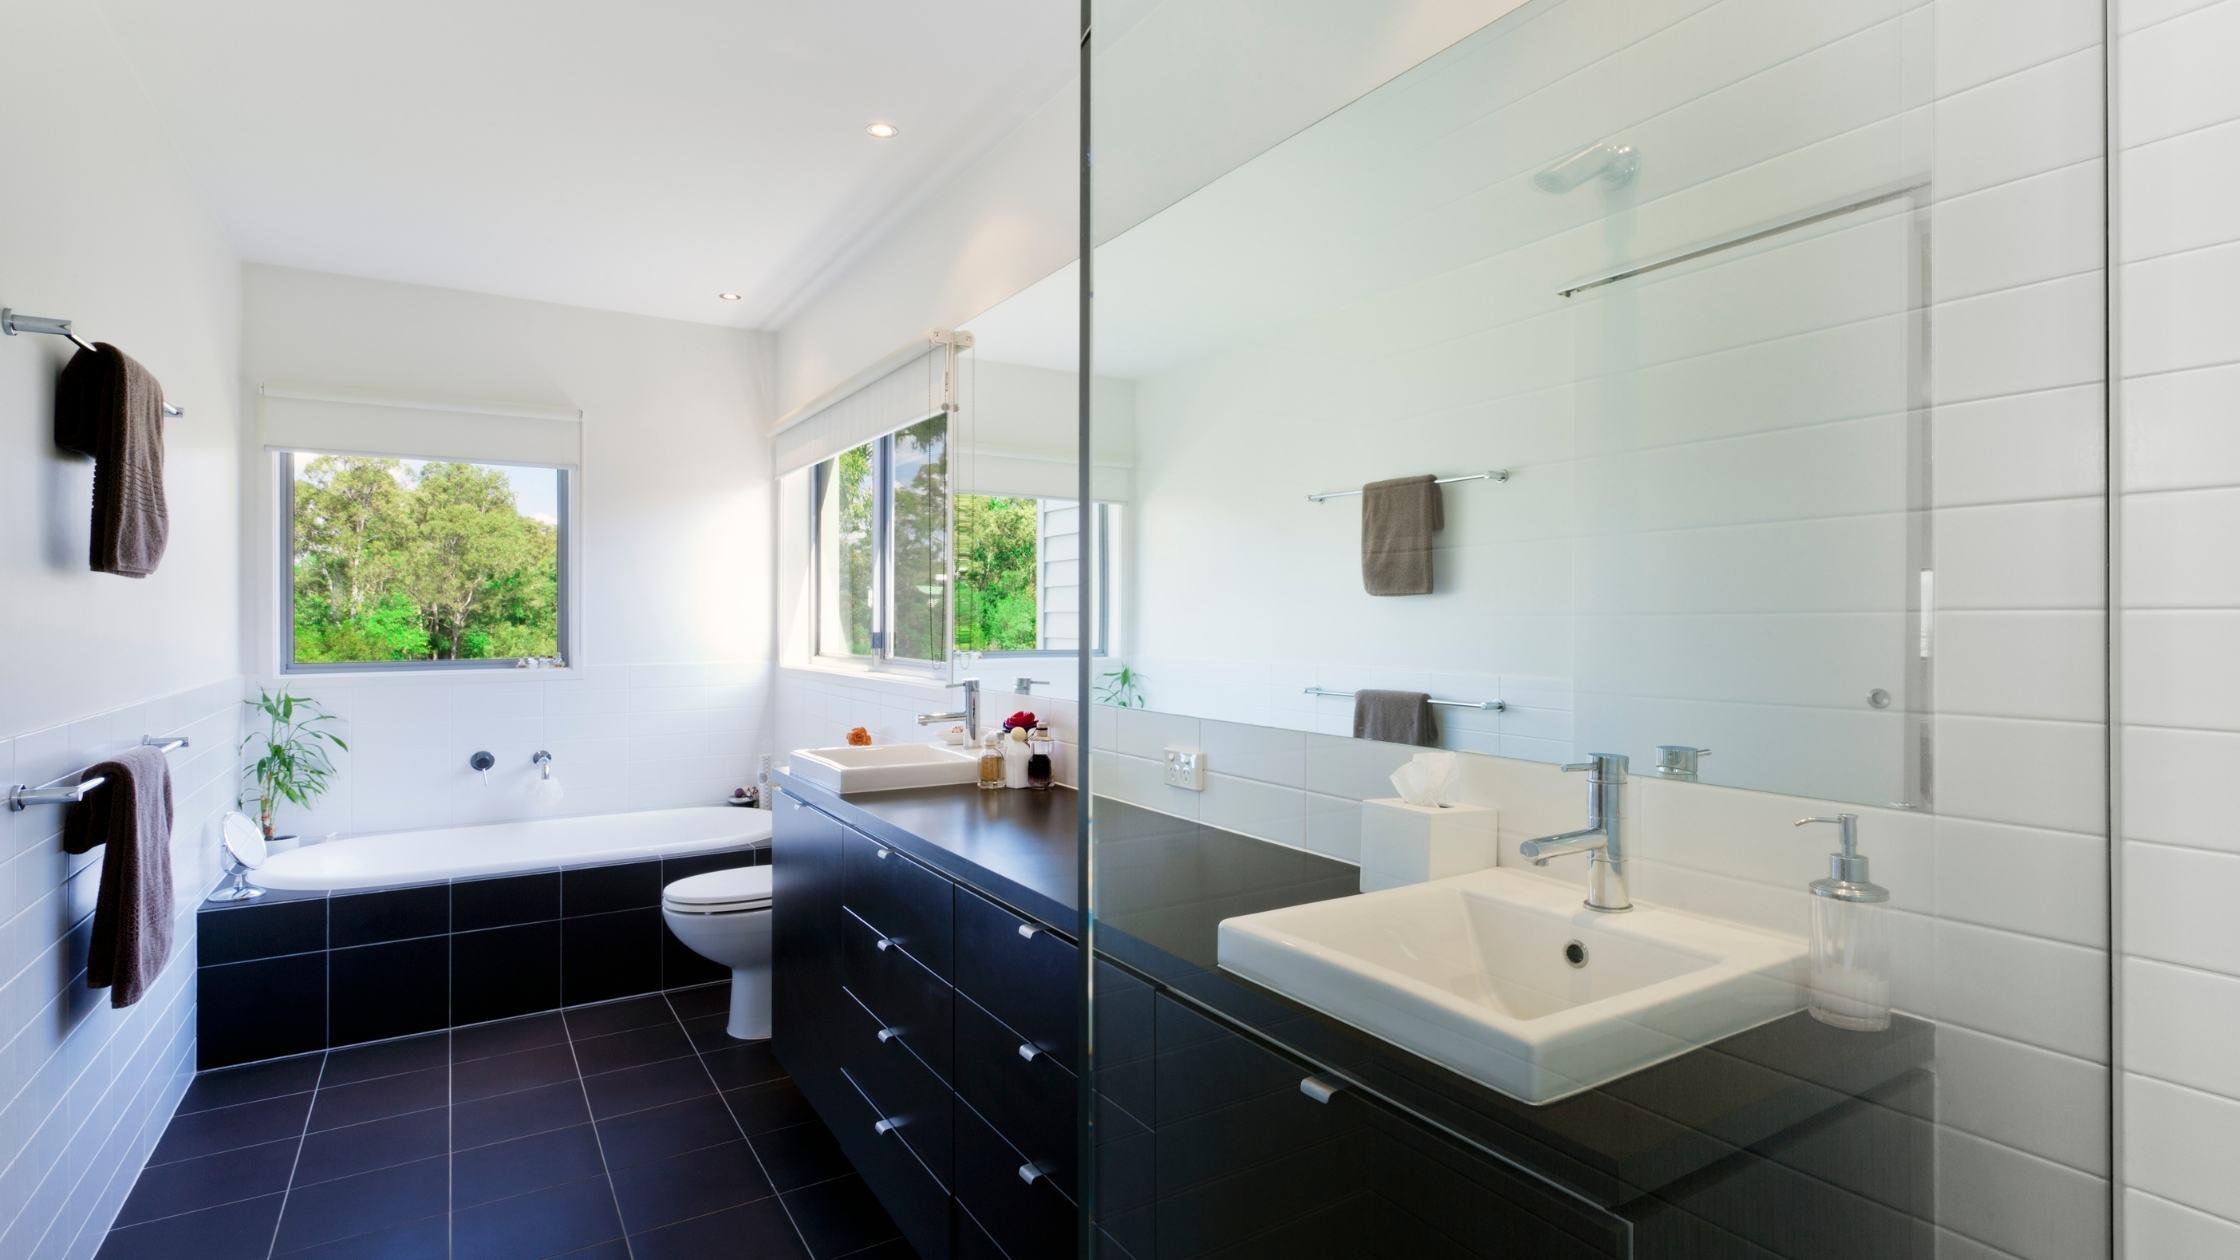 badkamer met lambrisering